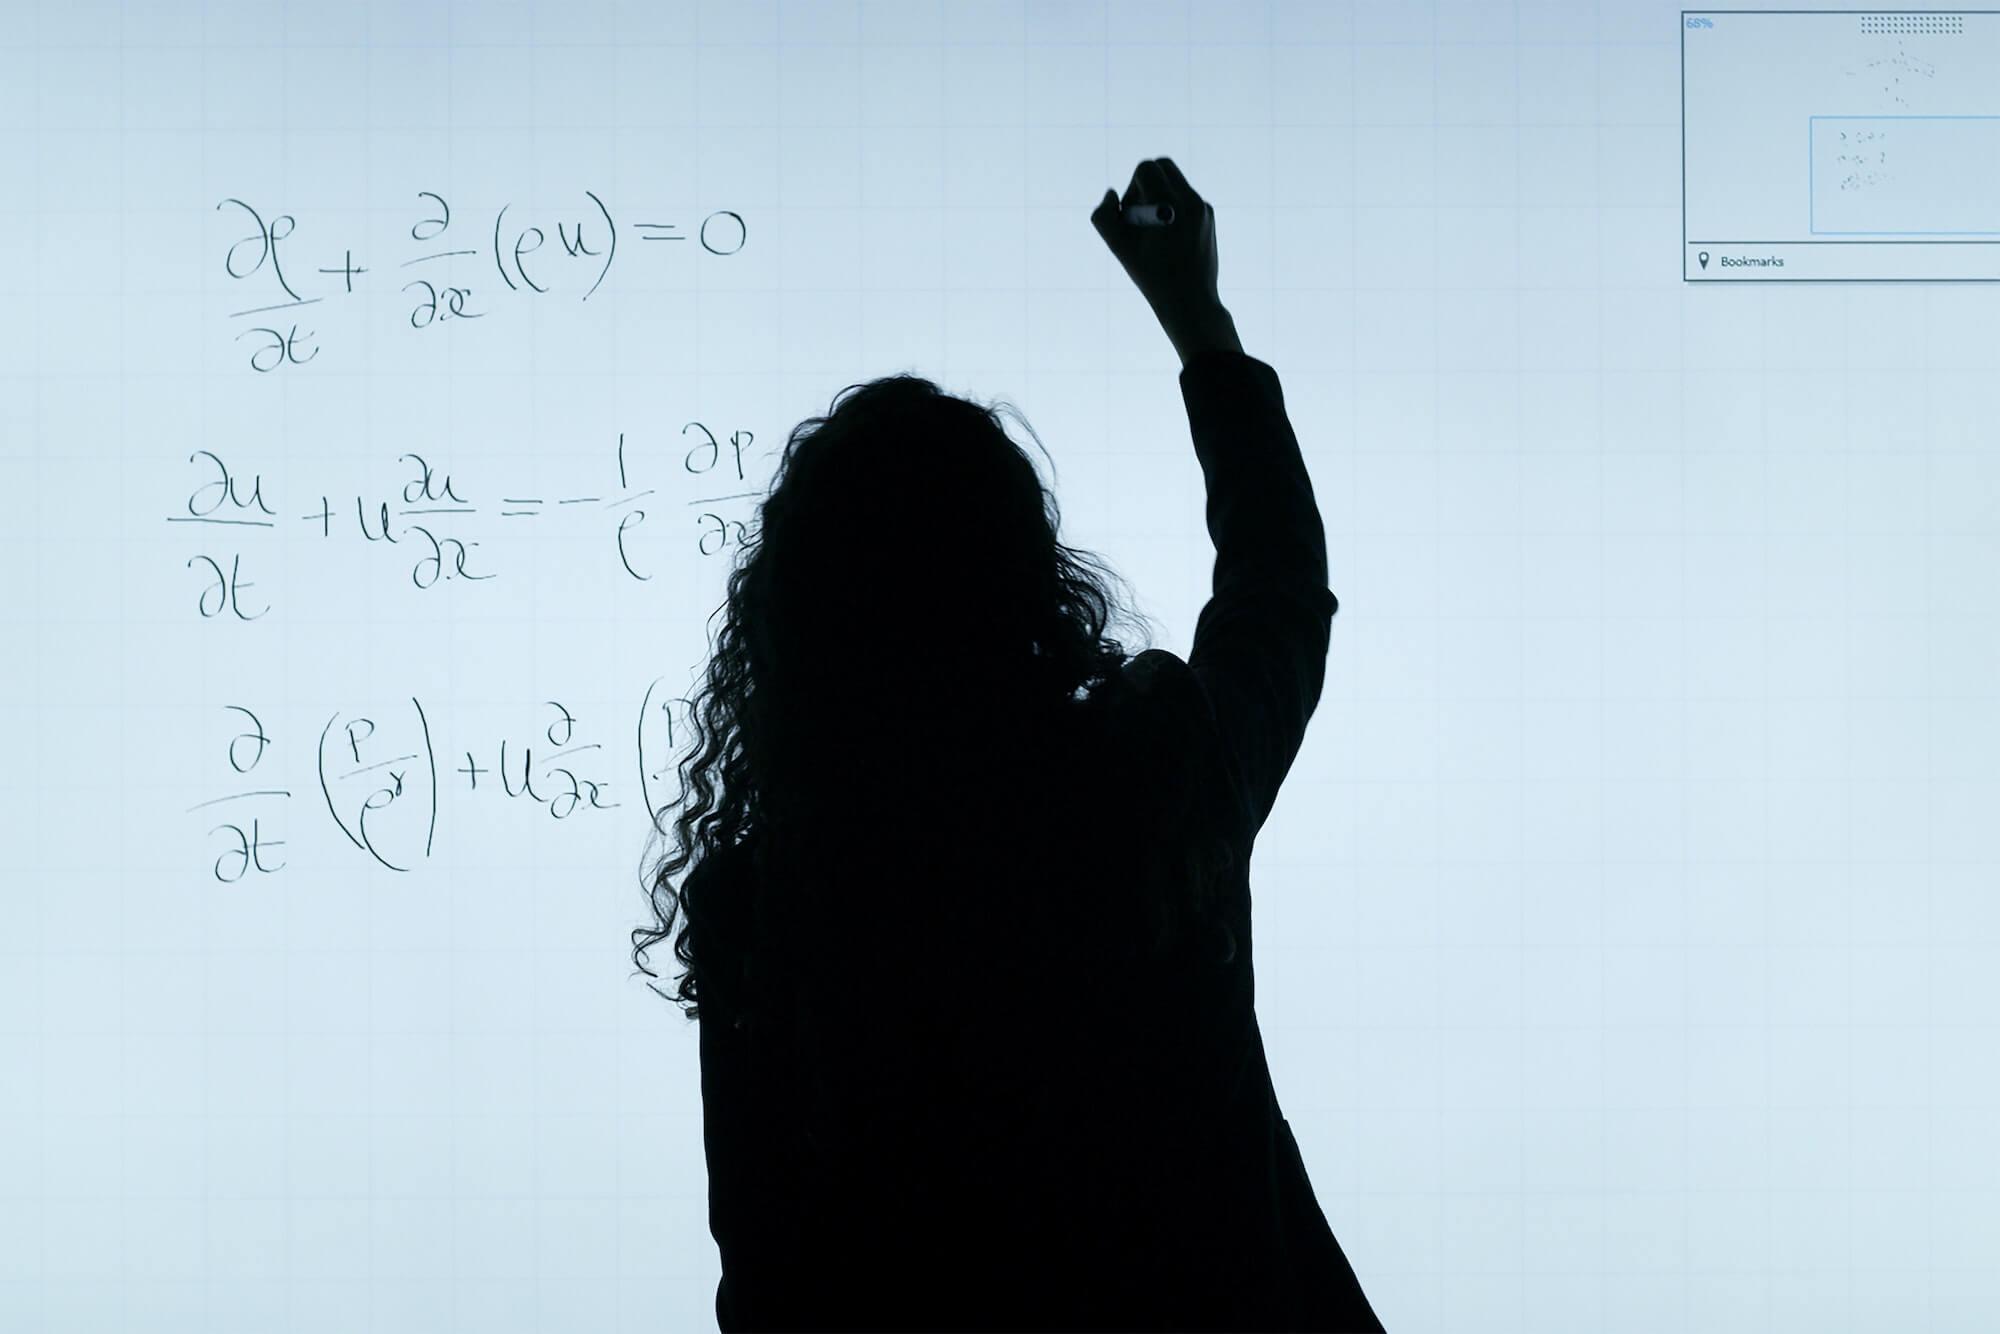 Tableau de calcul